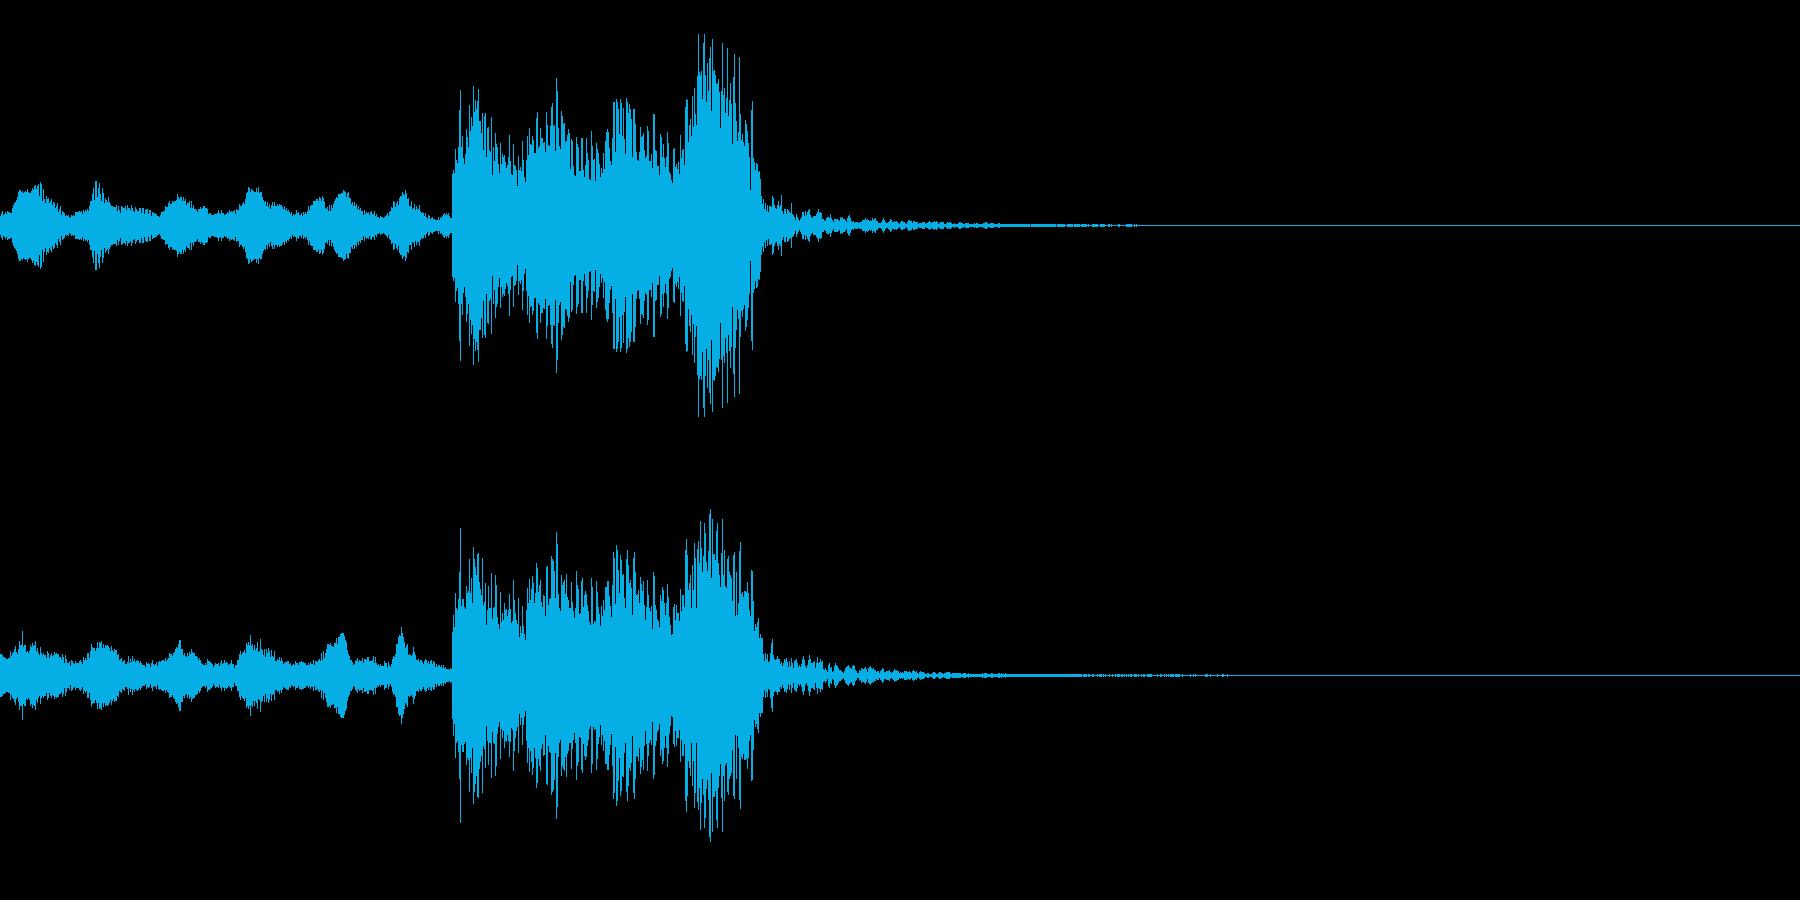 ステージクリア!/ゲーム用ジングルの再生済みの波形